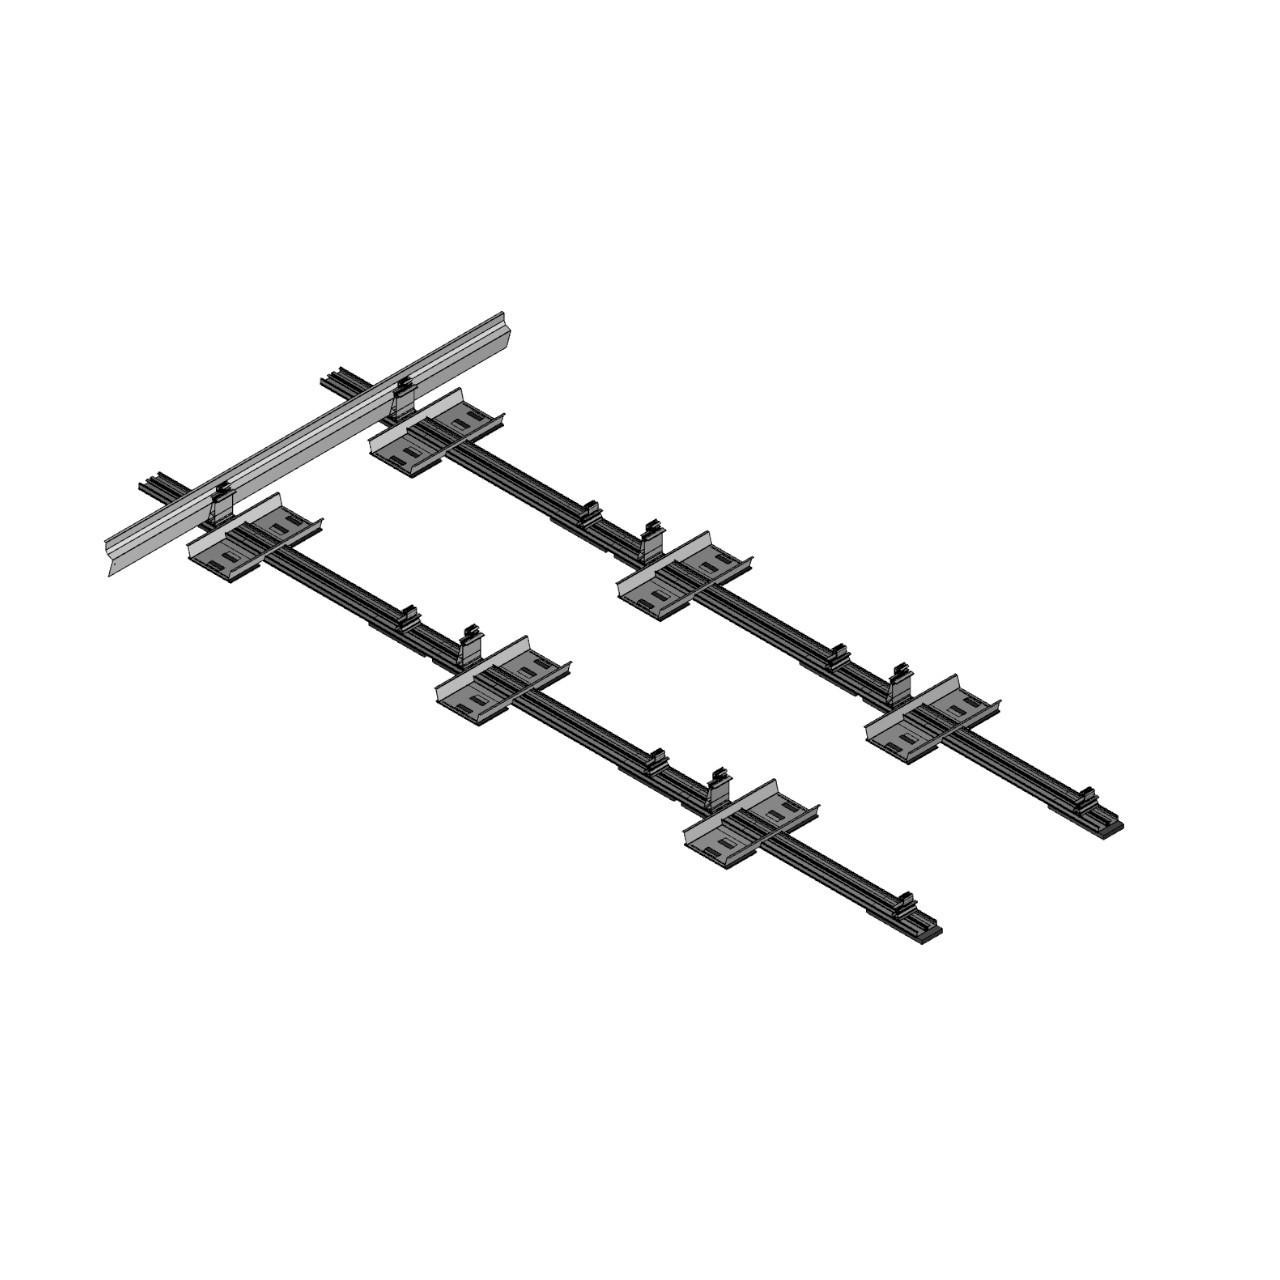 FixGrid5Plus - South - No Panels